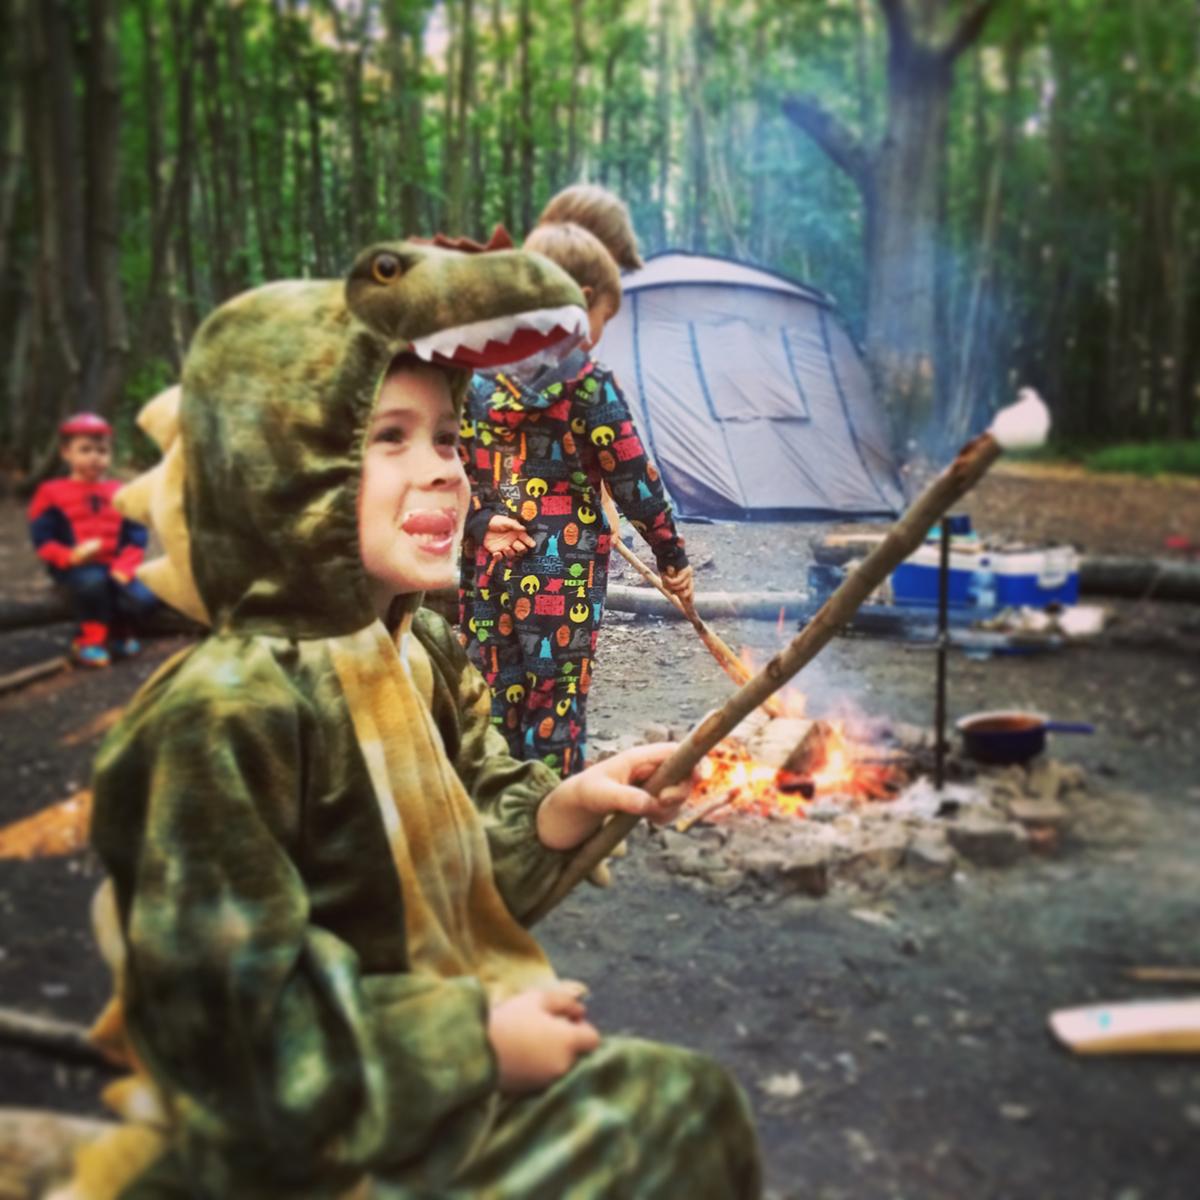 Birling-Estate-Badgells-wood-camping-divider-2-1200pixels